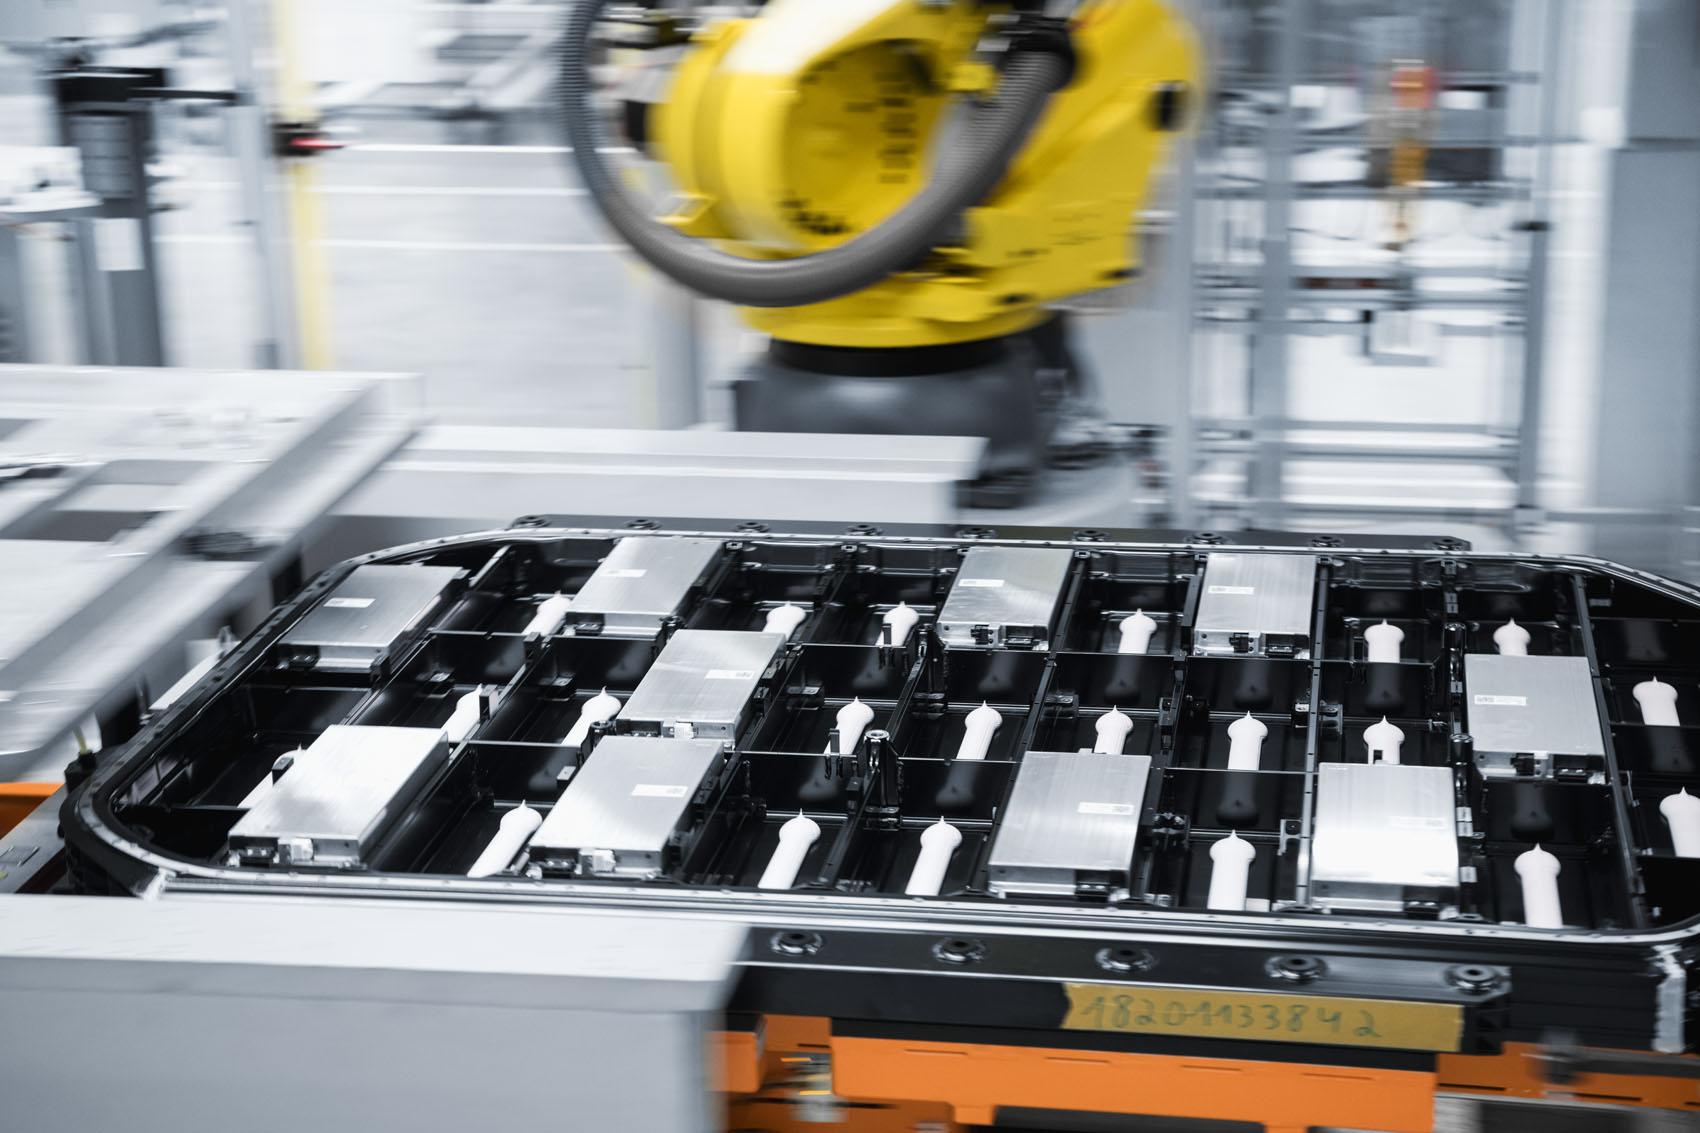 Remplissage: Avant l'insertion des modules de cellules, une pâte thermoconductrice fortement isolante est appliquée.